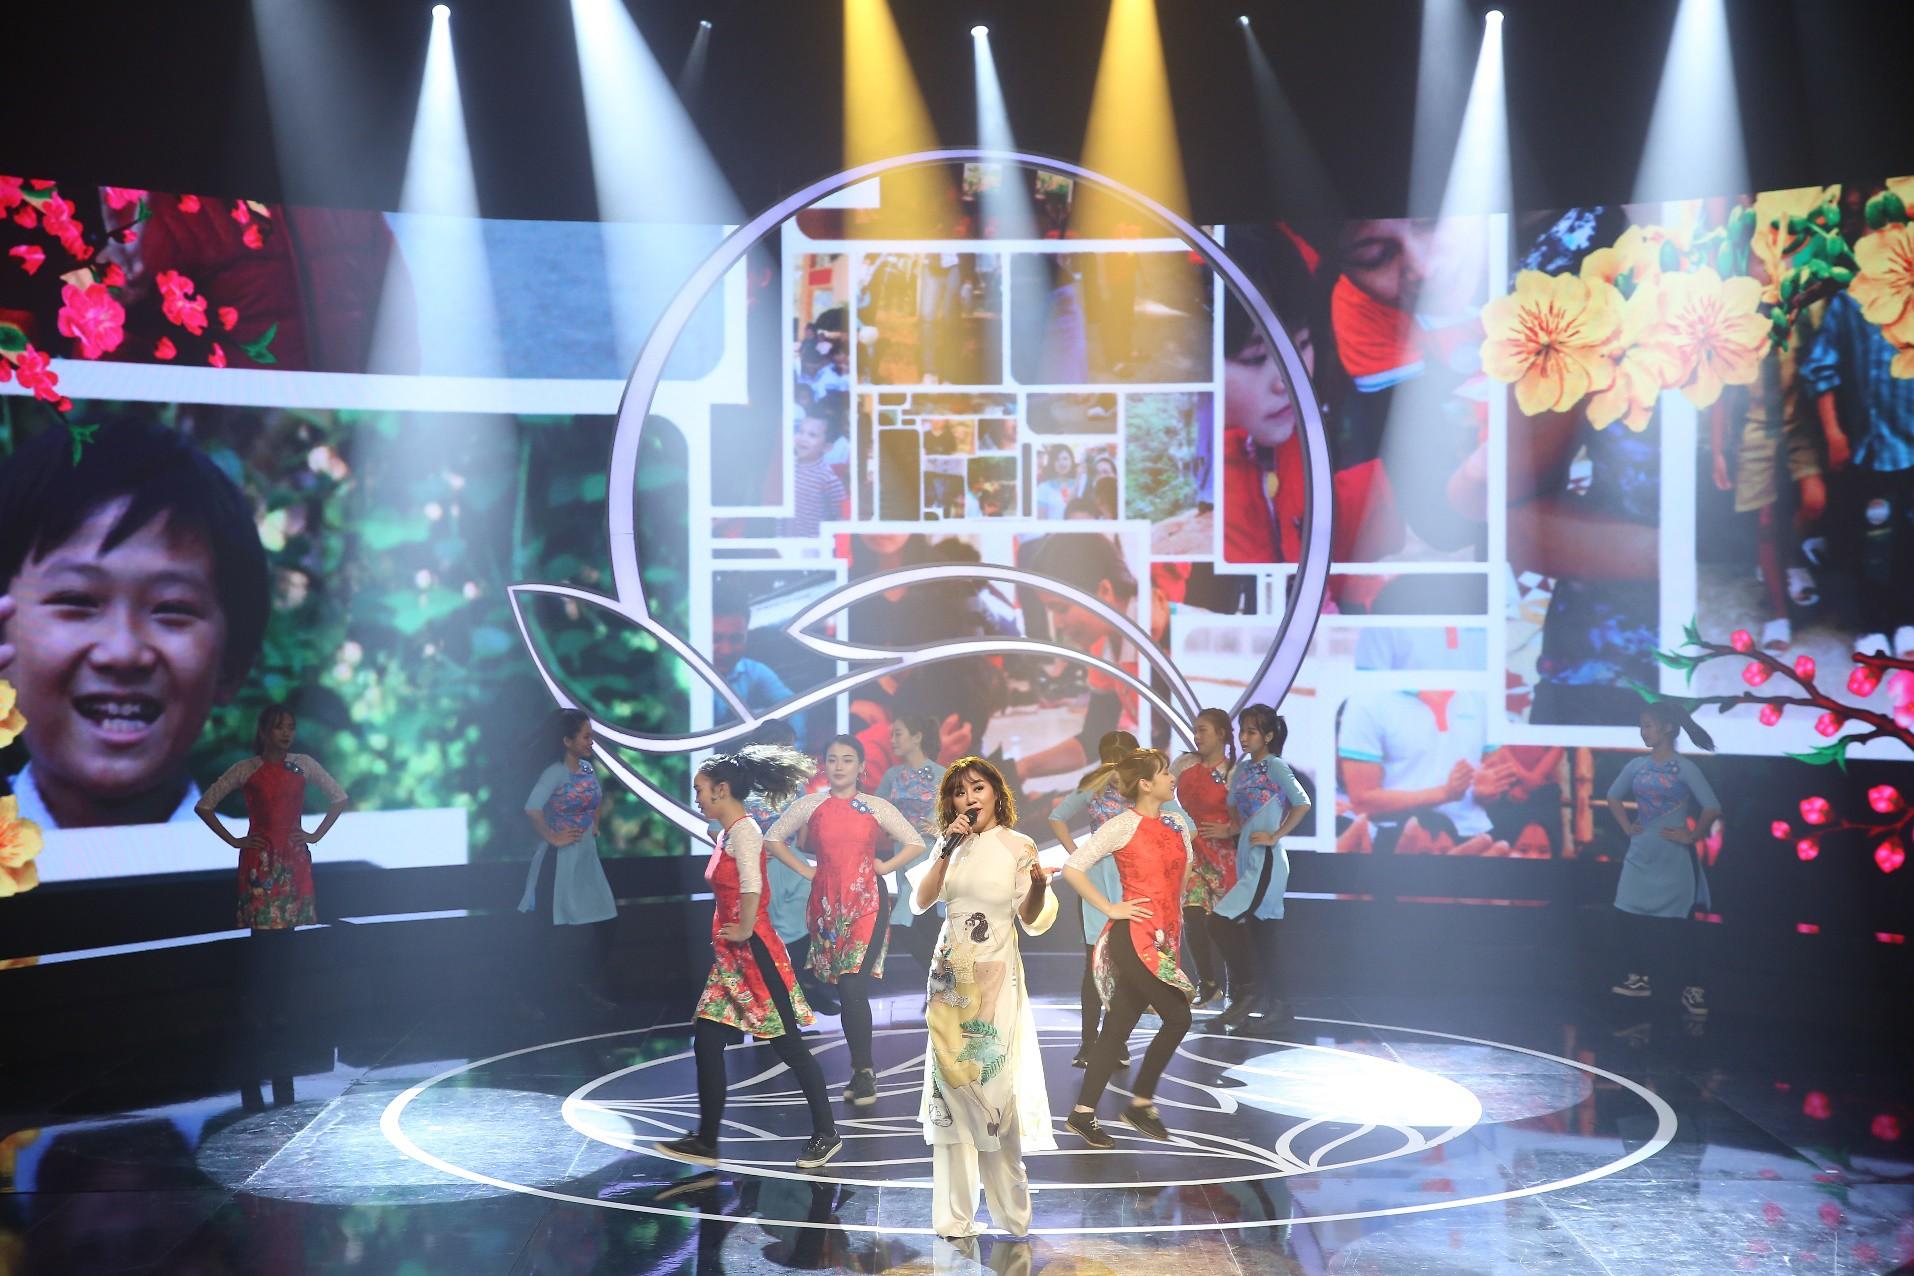 """Văn Mai Hương hóa nàng thơ với áo dài trắng tinh khôi trên sân khấu Gala""""Cặp lá yêu thương – Tết An Bình"""" - Ảnh 2."""